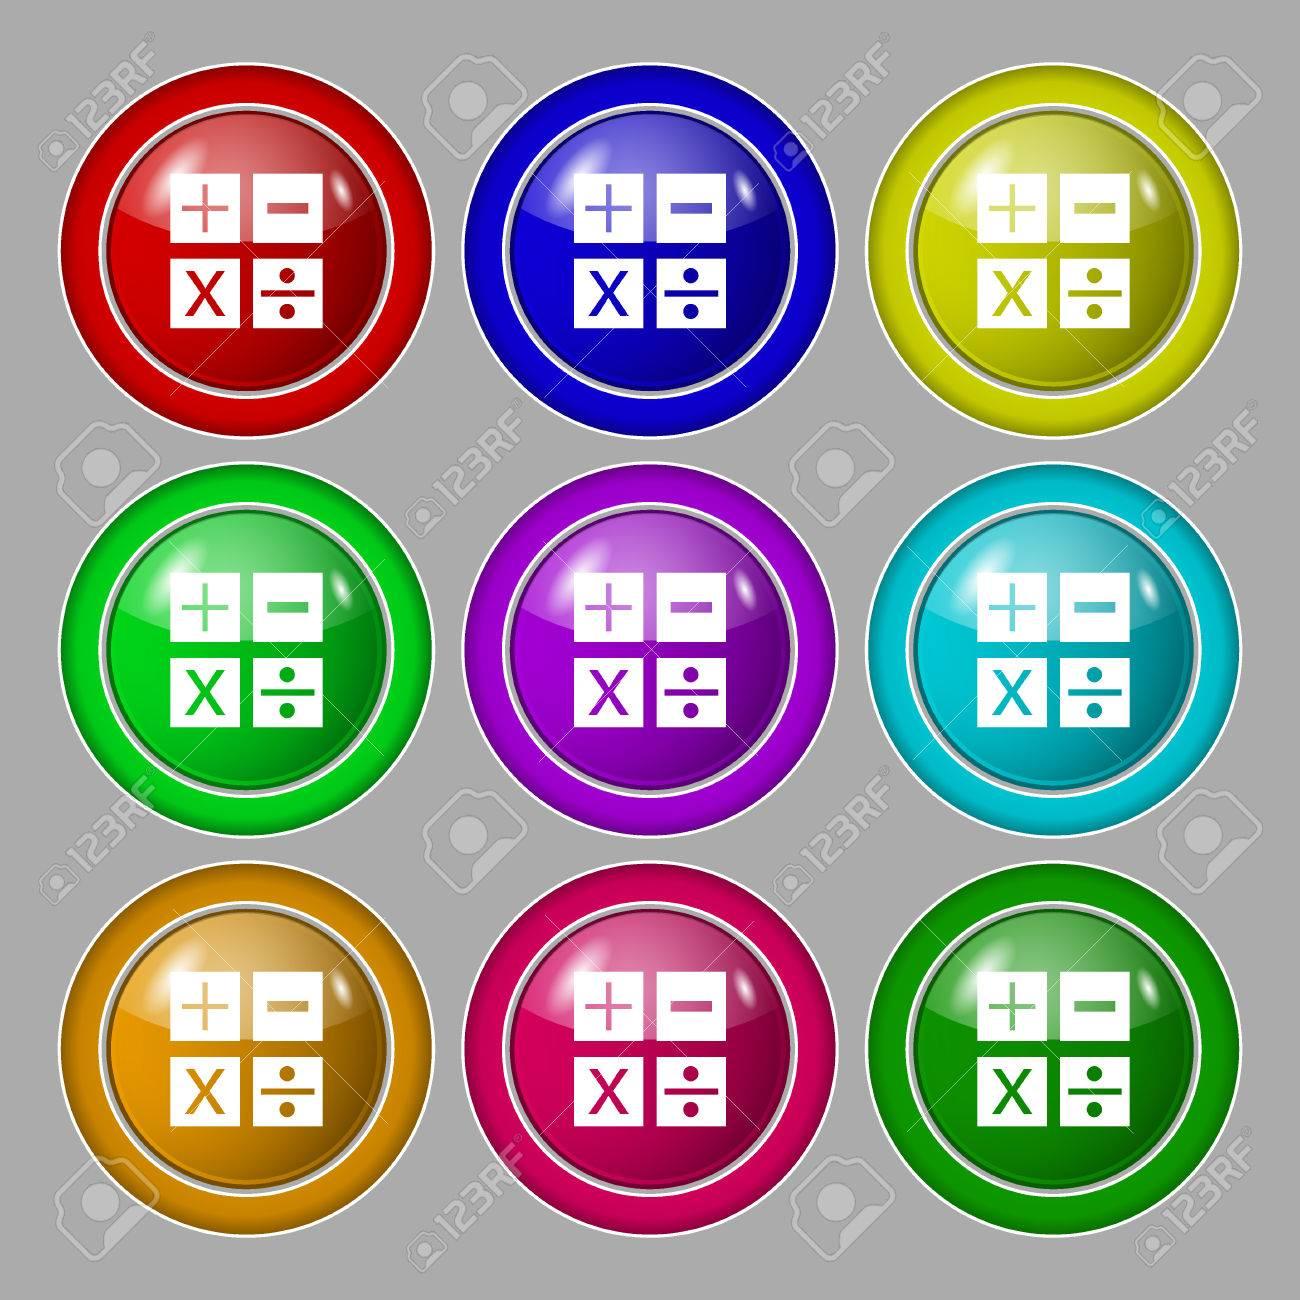 Multiplication Division Plus Minus Icon Math Symbol Mathematics